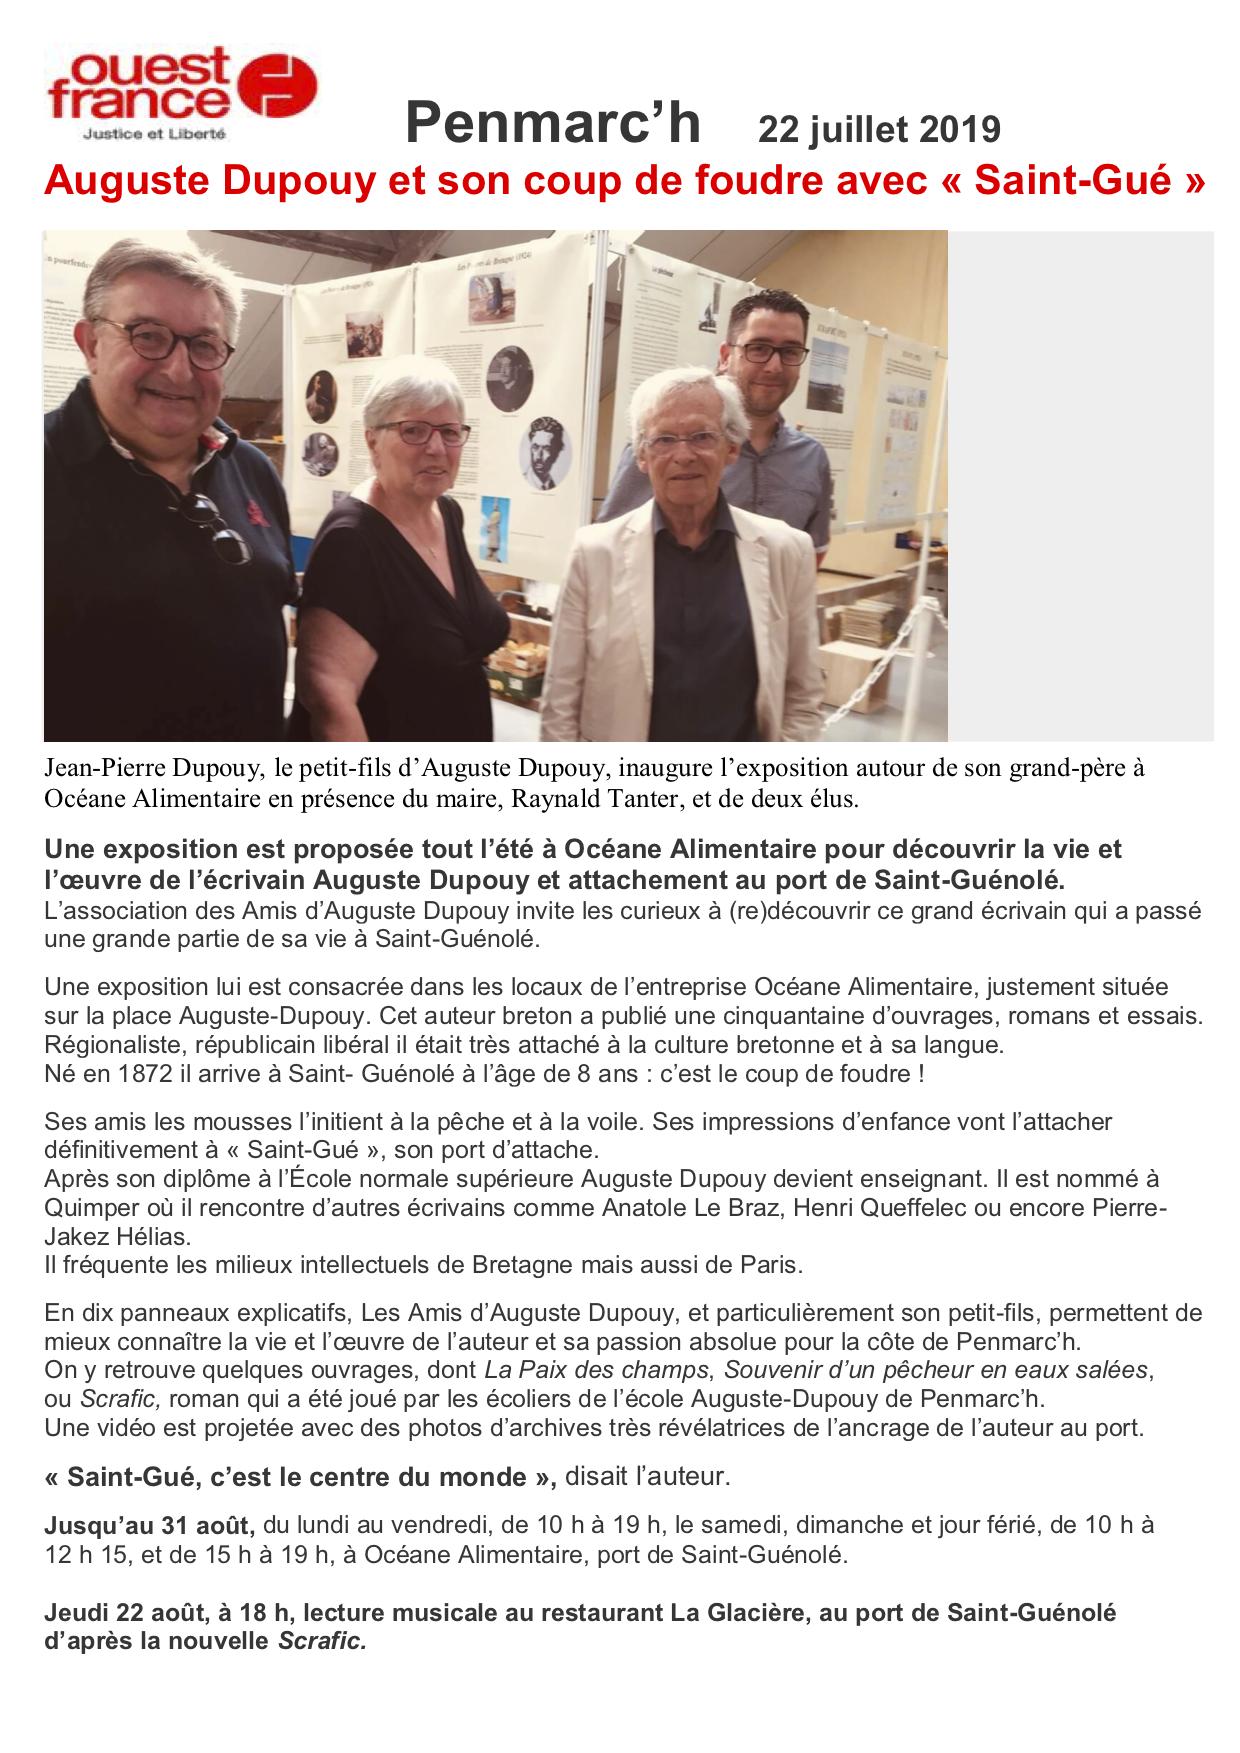 Ouest-France Exposition A Dupouy à l'Océane Alimentaire 23 juil 2019(1)